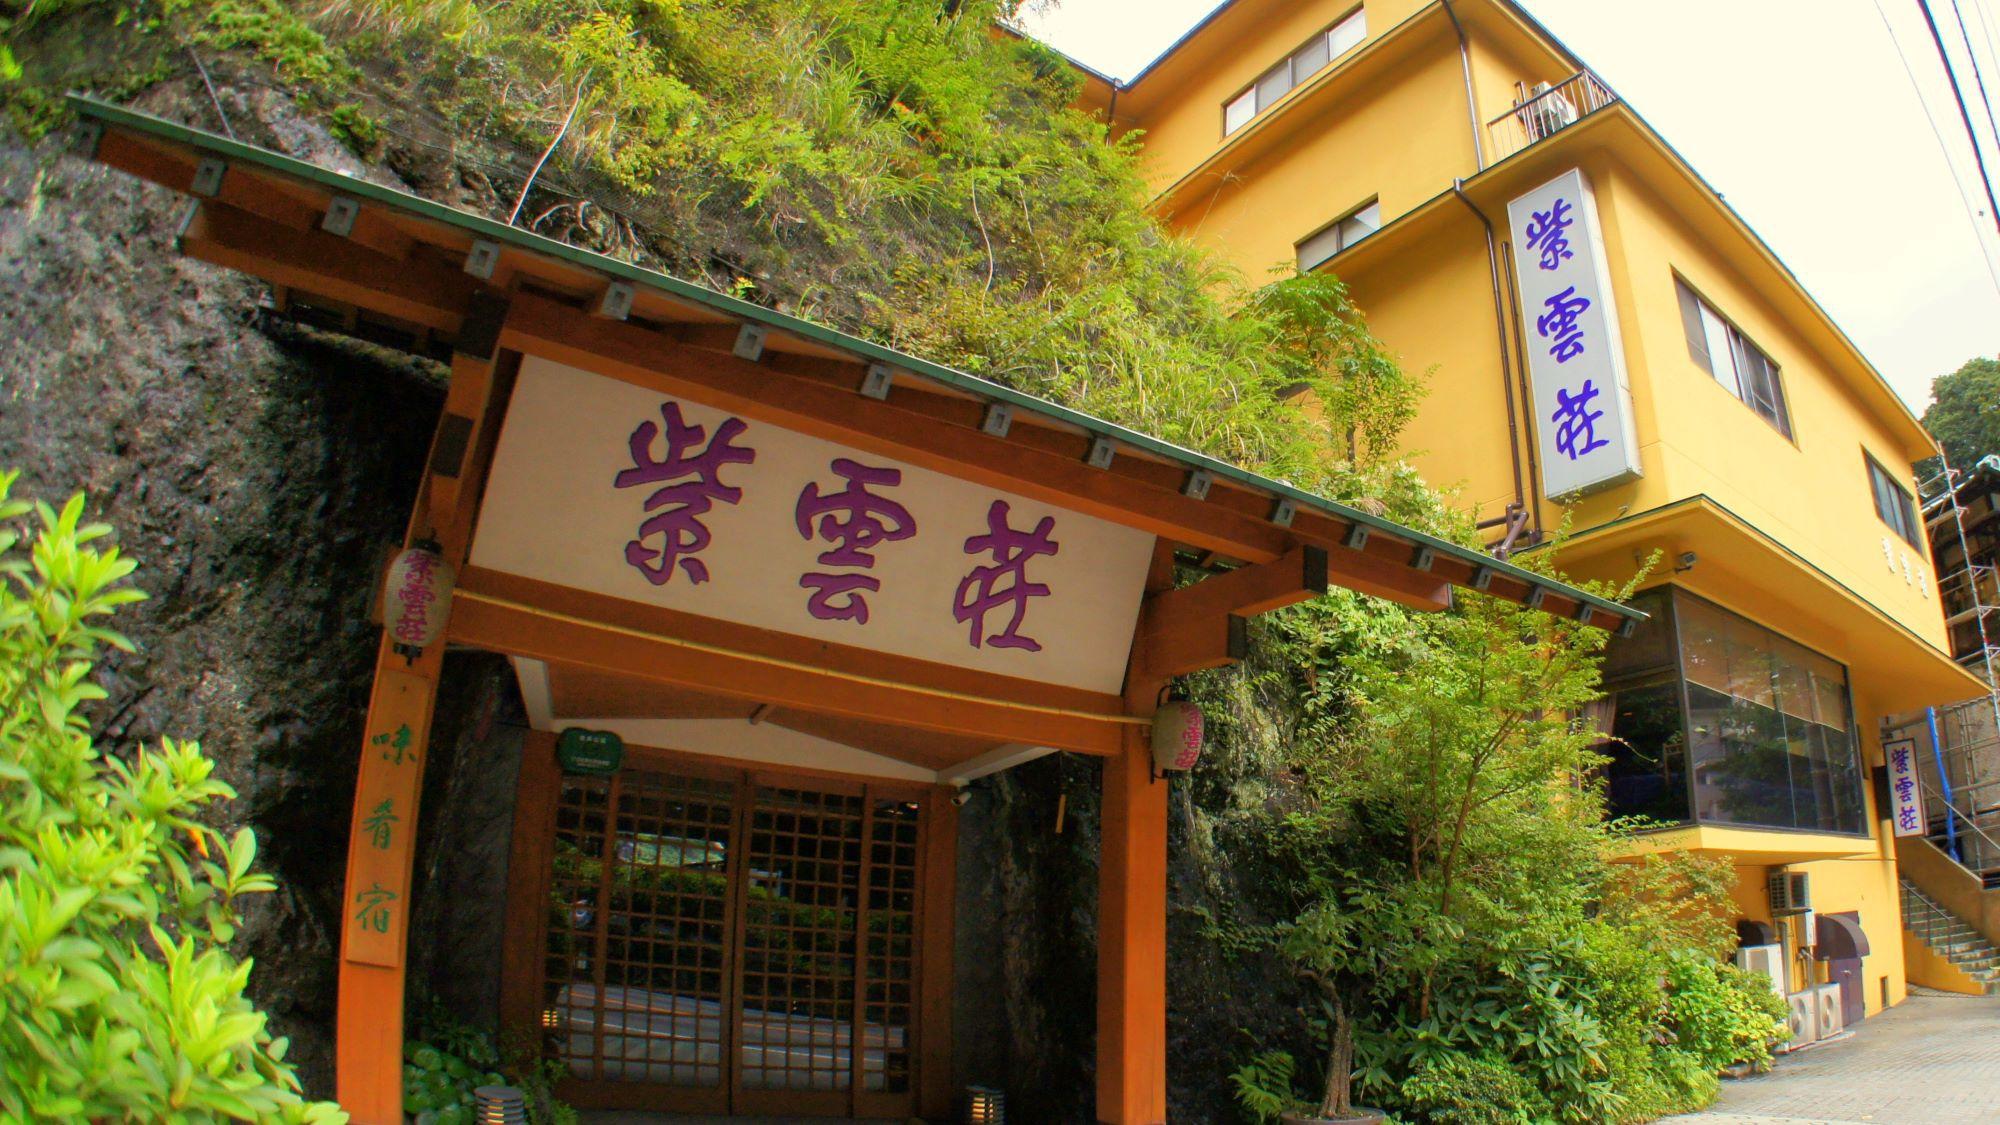 誕生日を迎える夫を箱根温泉に招待したいです